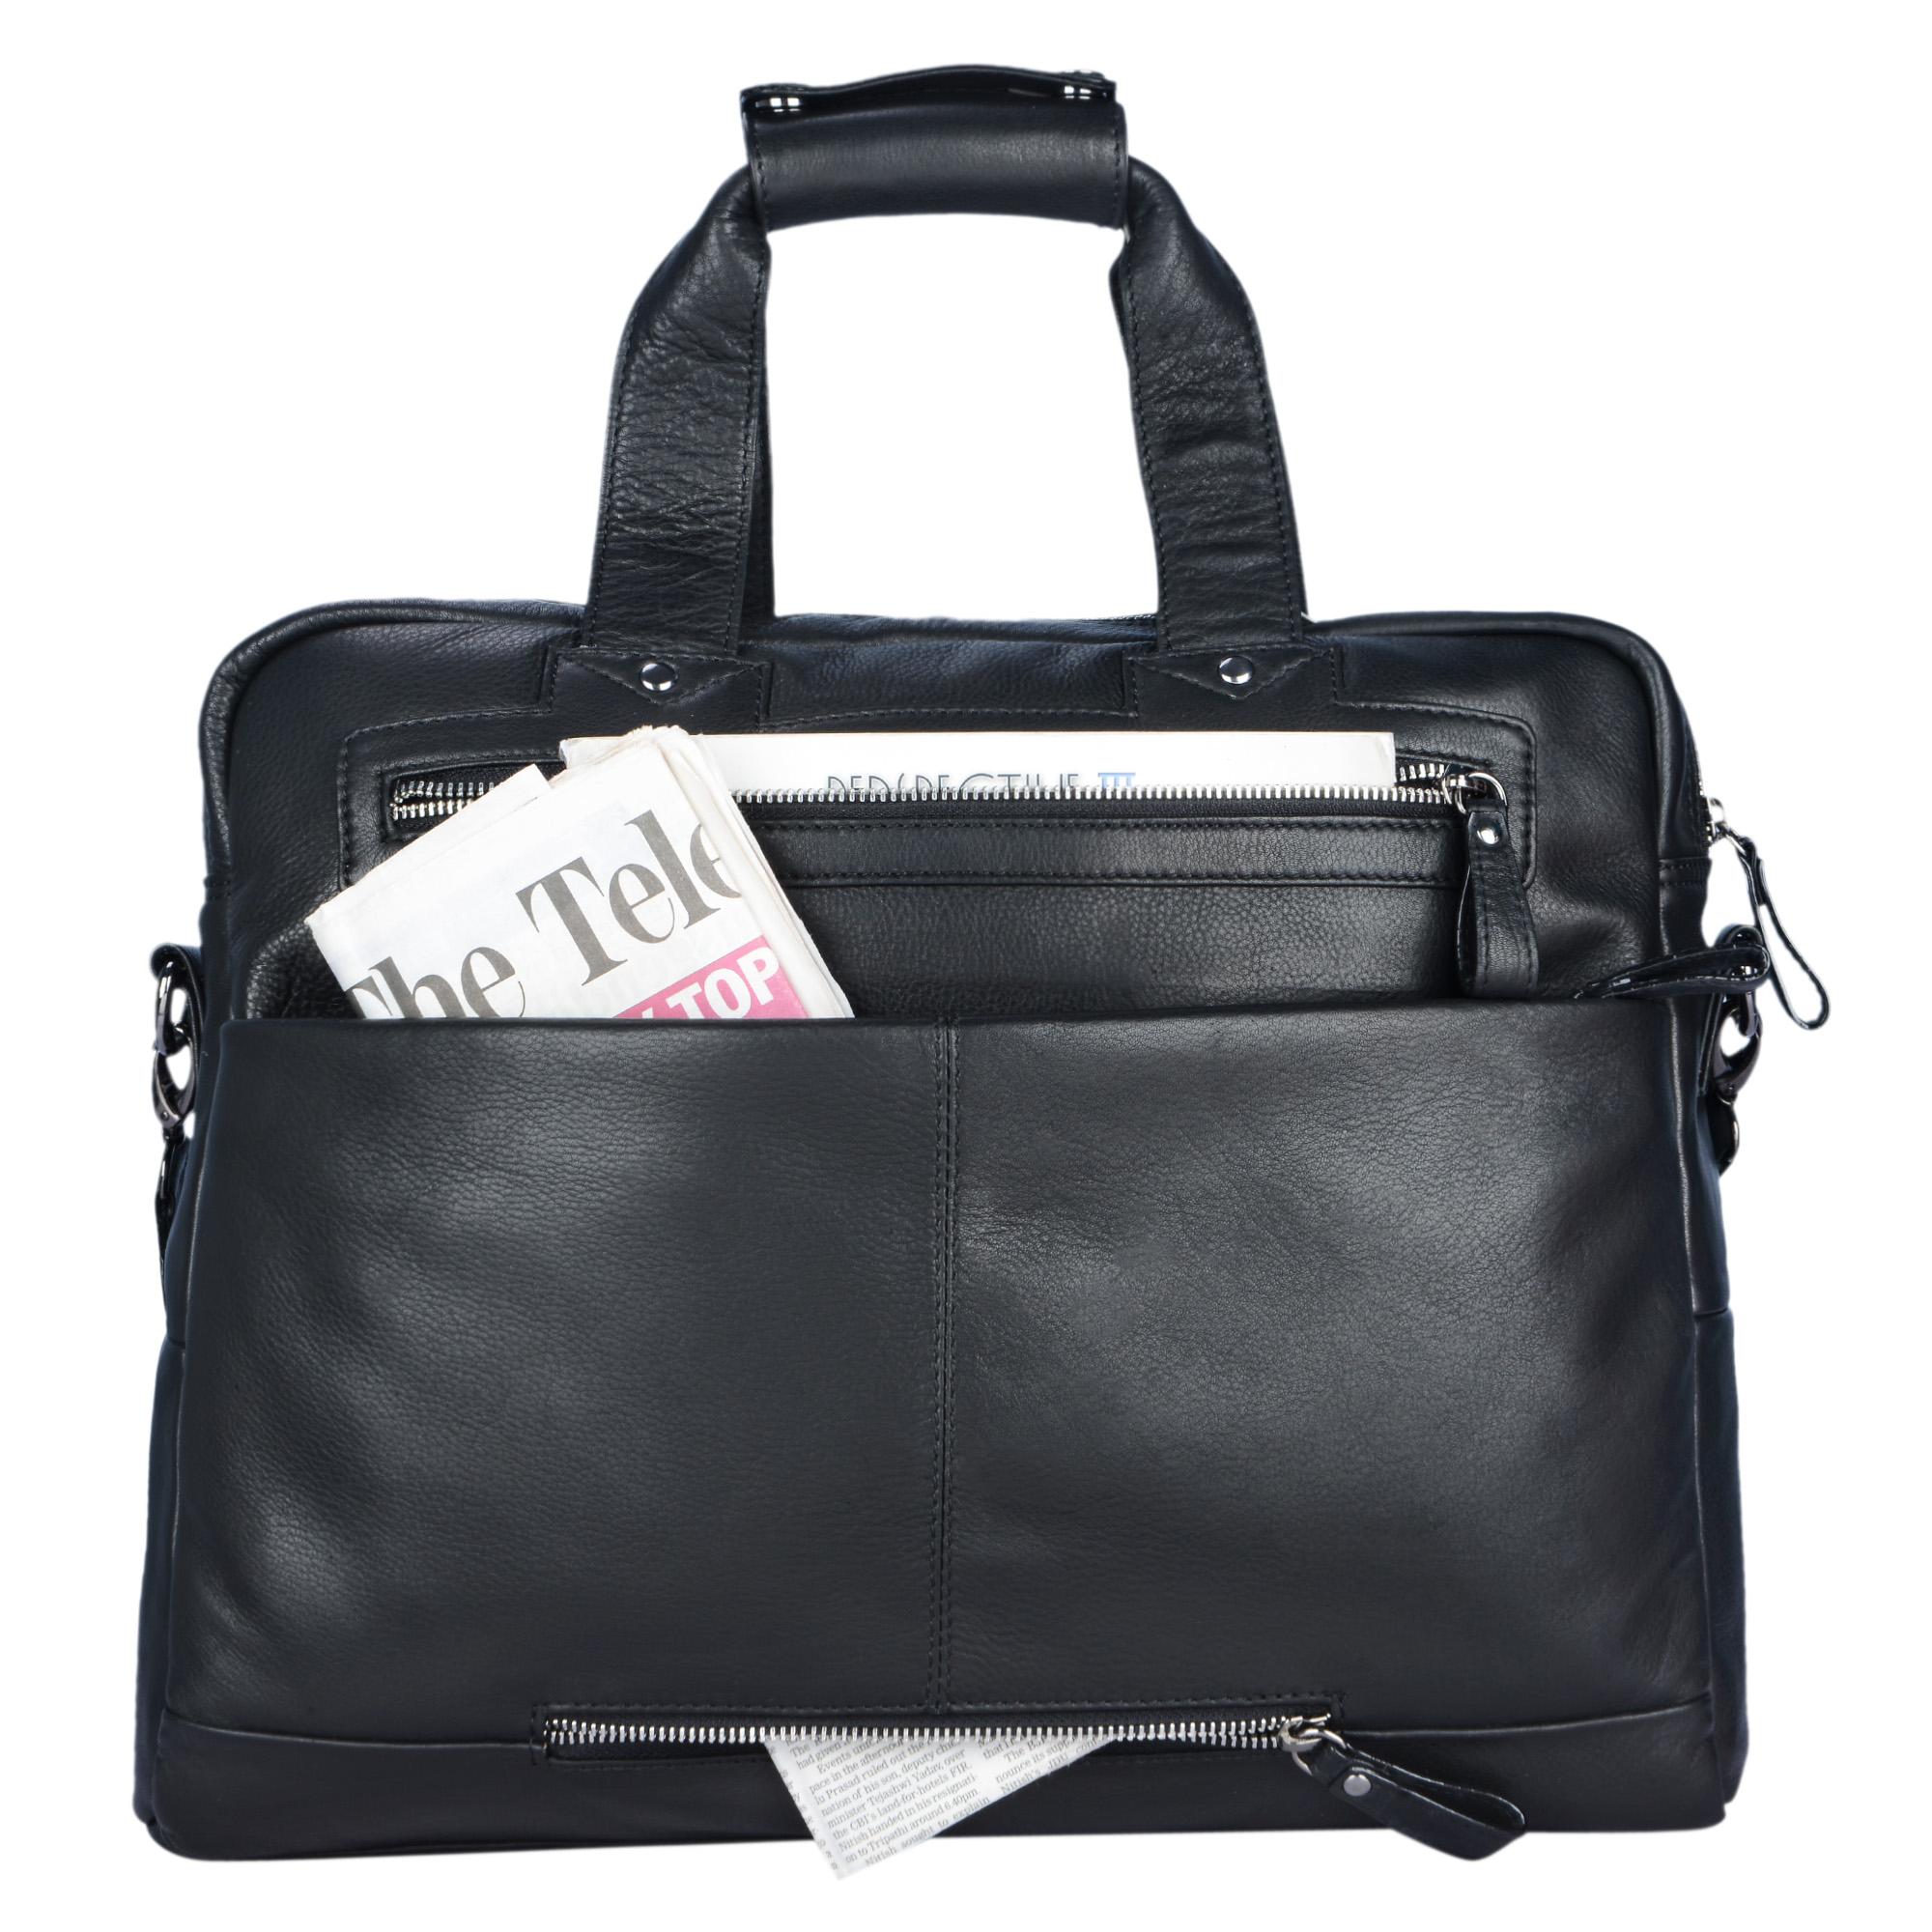 Handtasche 15.6 Zoll Laptopfach Leder